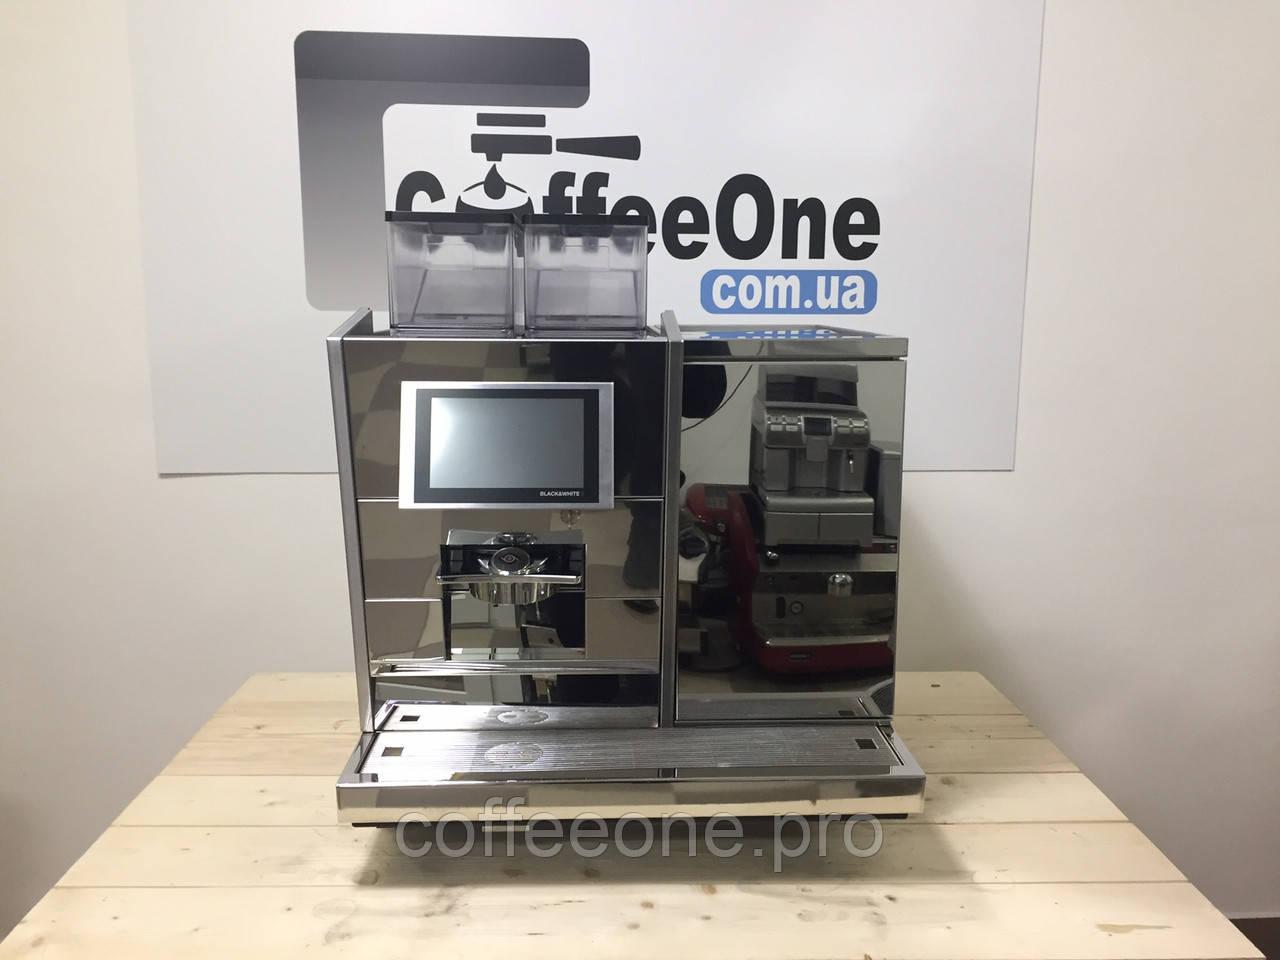 Кофемашина автоматическая Thermoplan Black&White 3 CTM RF б/у из-за рубежа